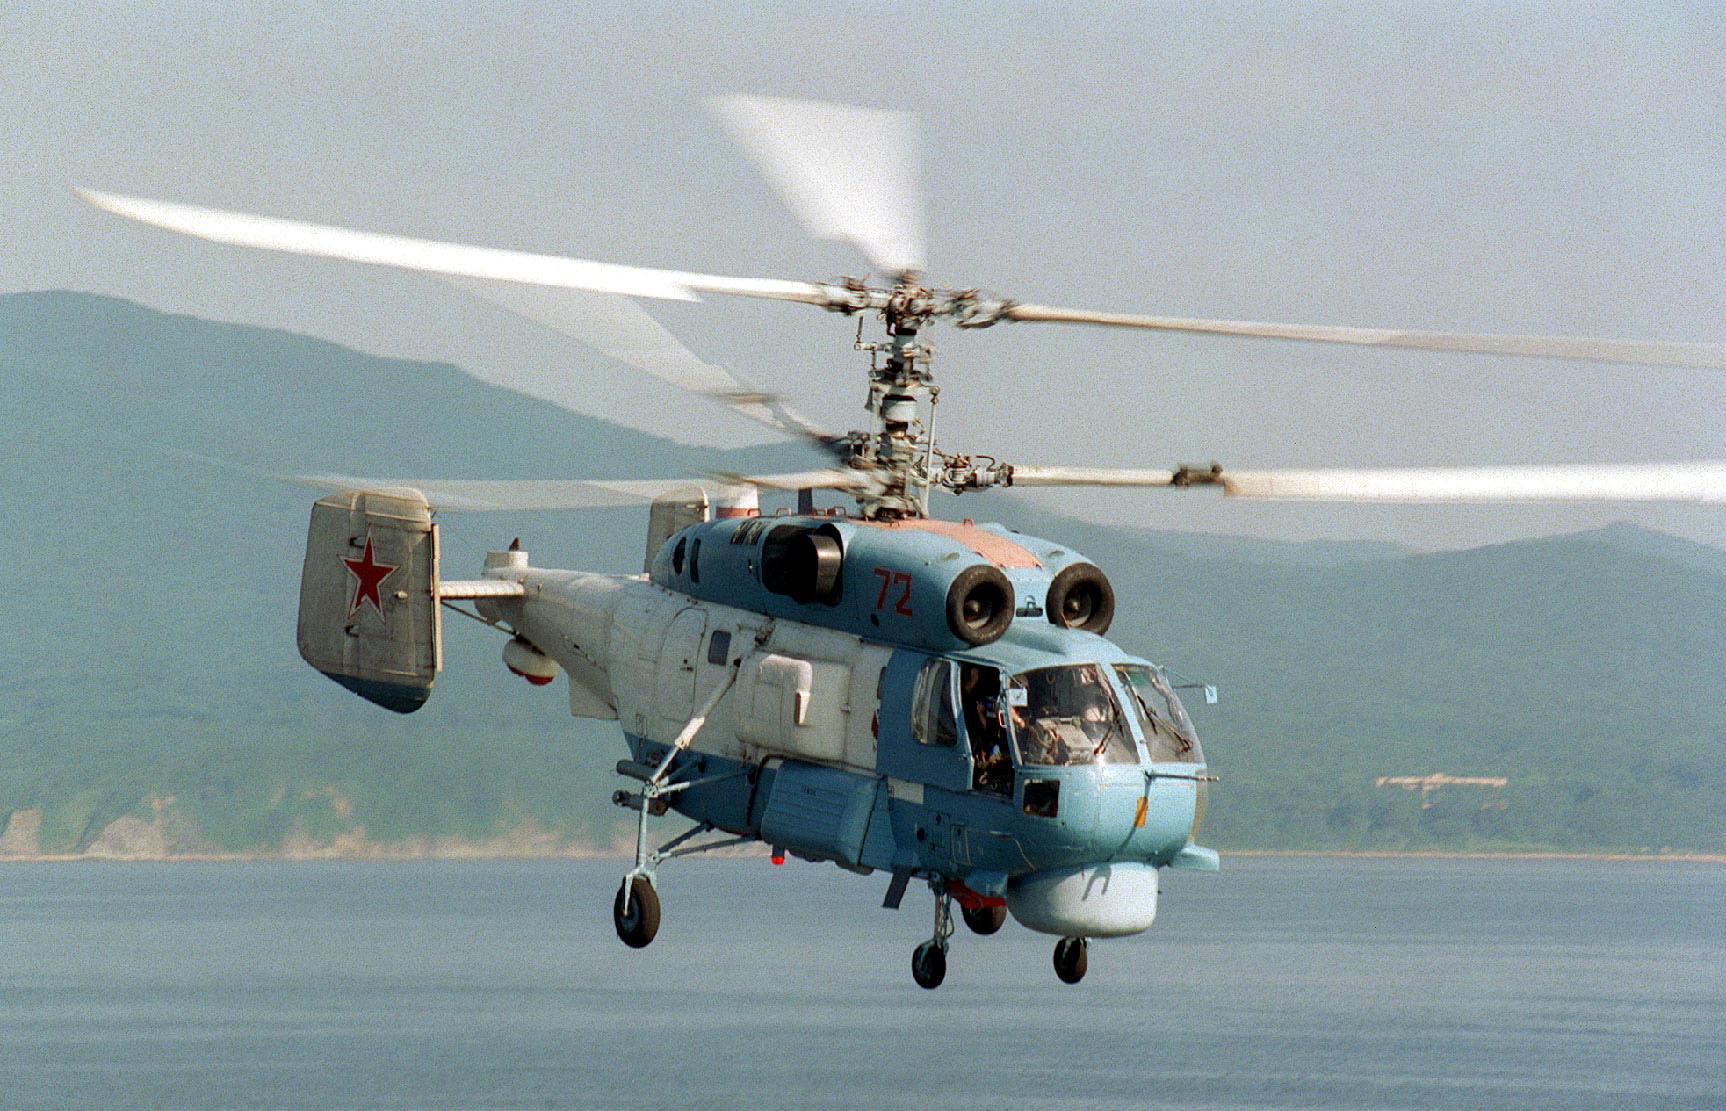 это что за вертолёт отправляется в полёт